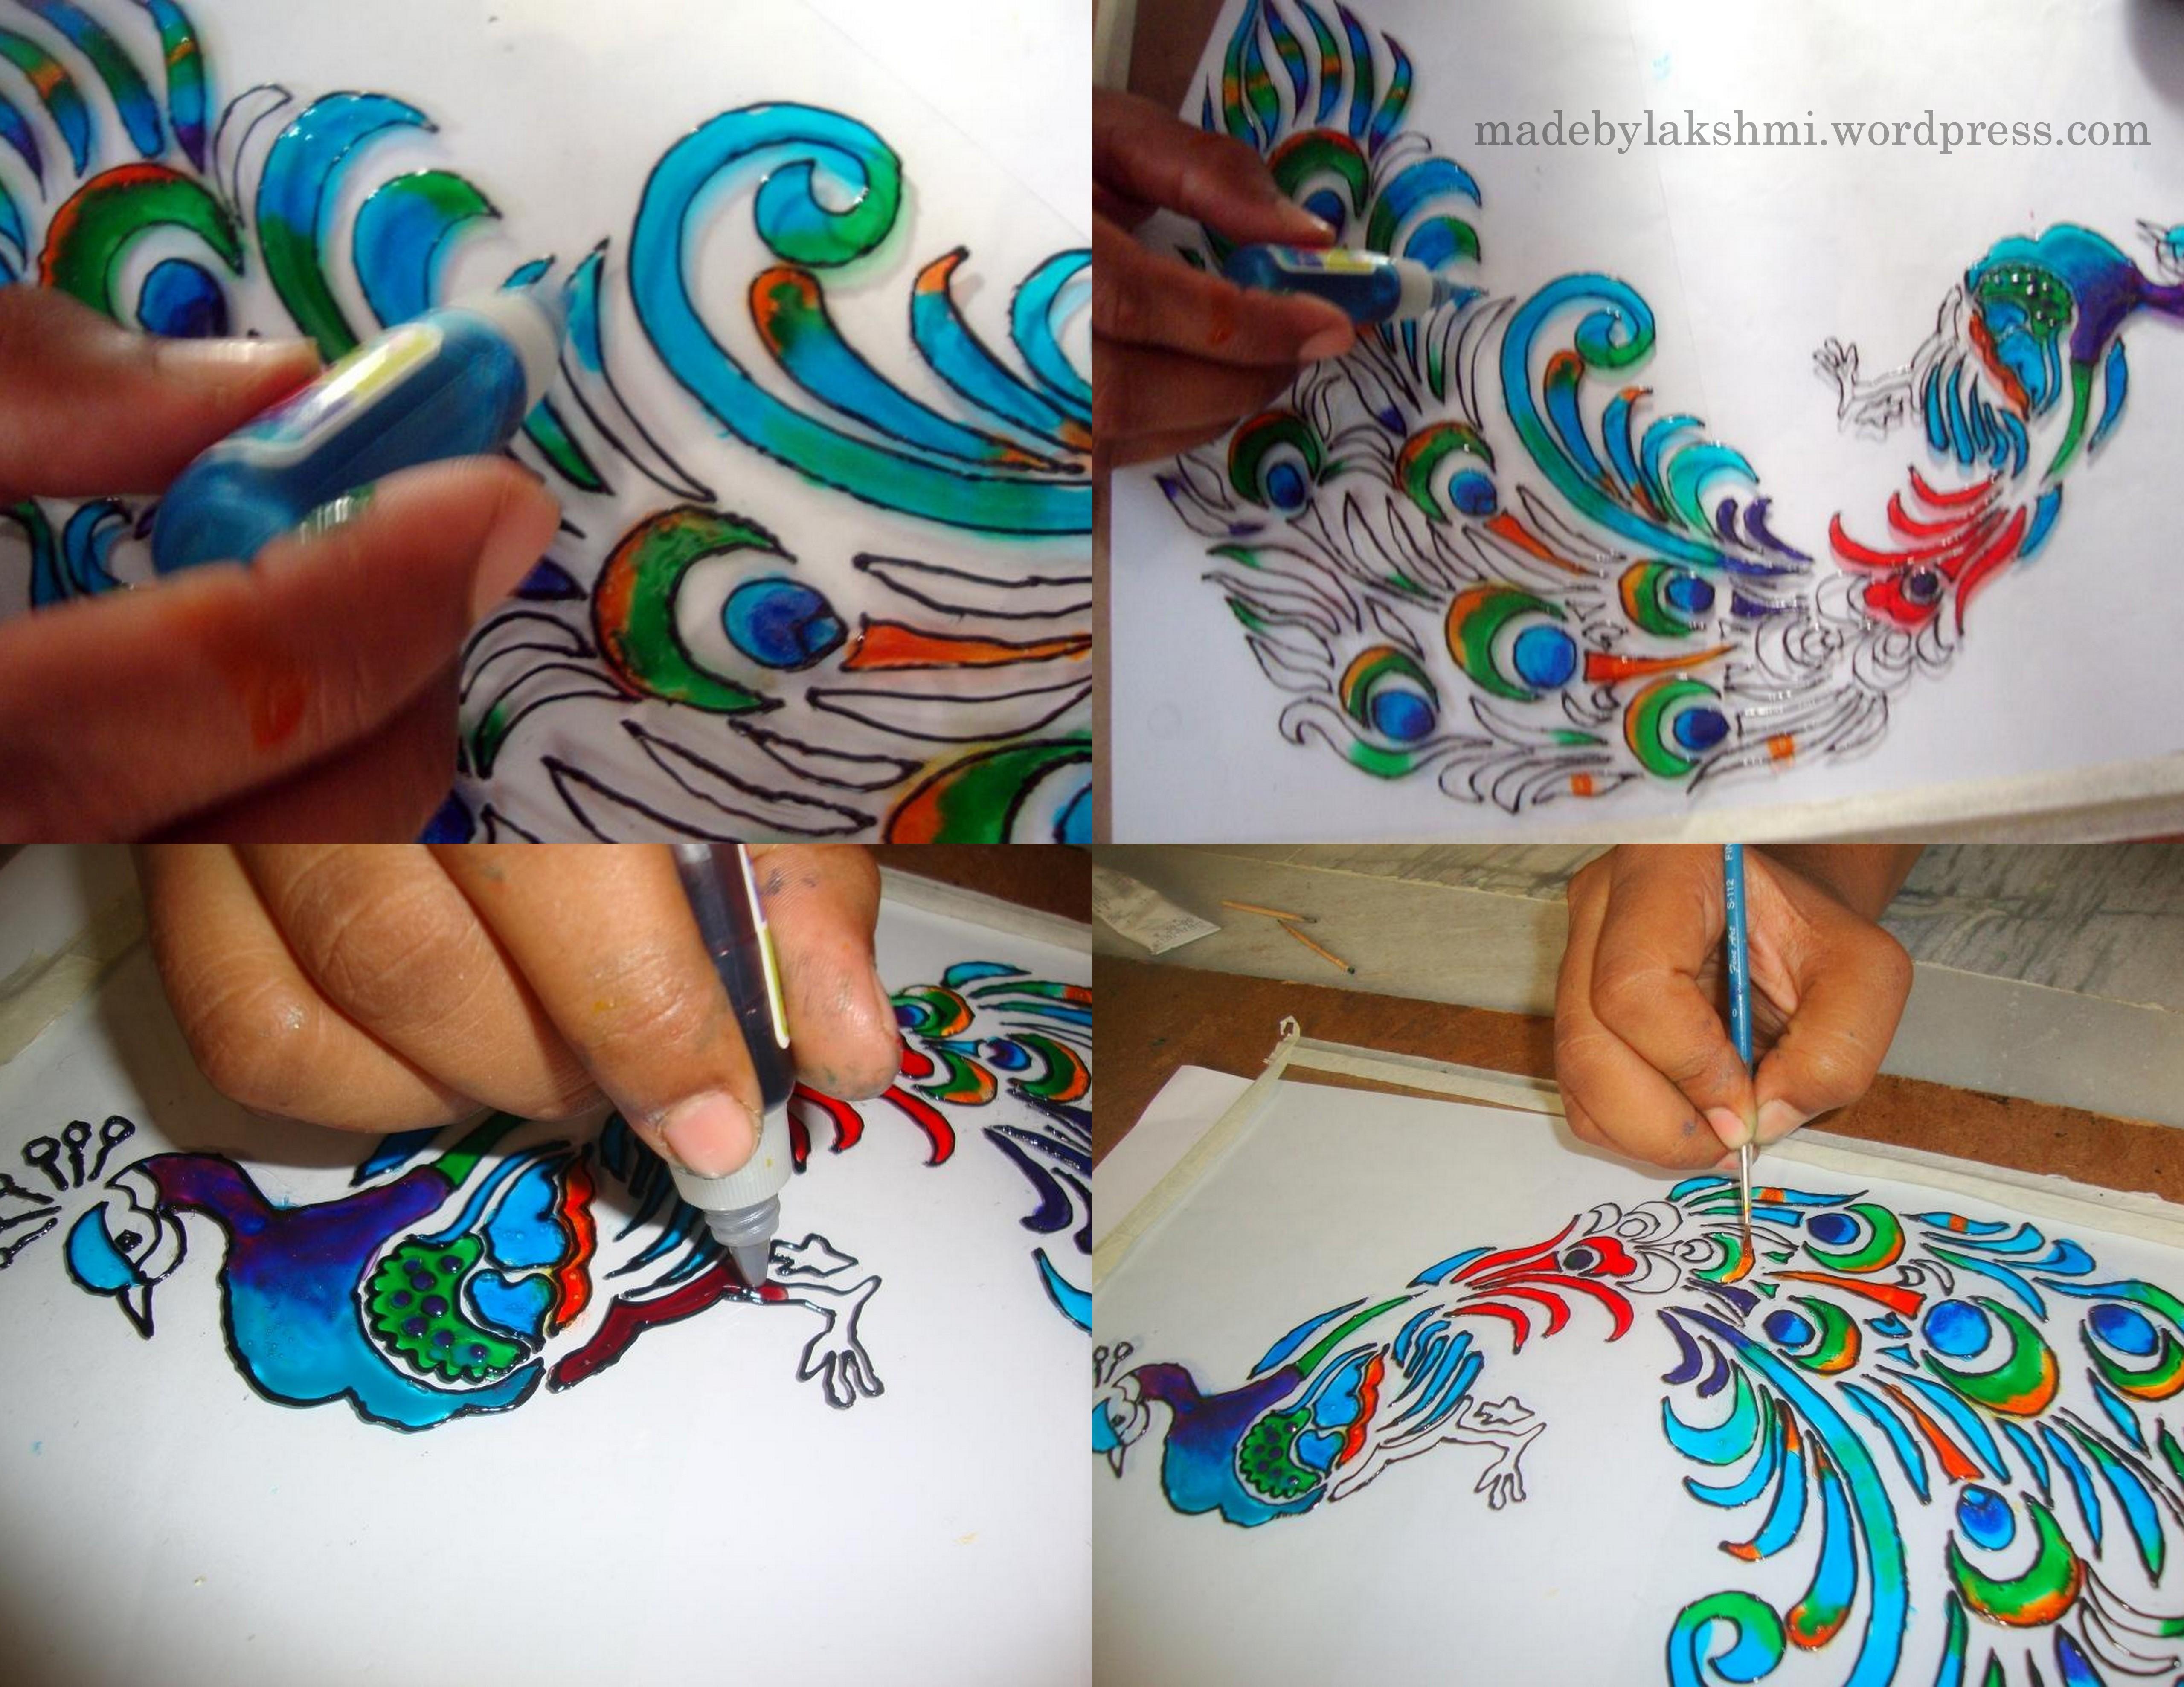 Glass painting tutorial m de by lakshmi - Creative glass painting ideas ...